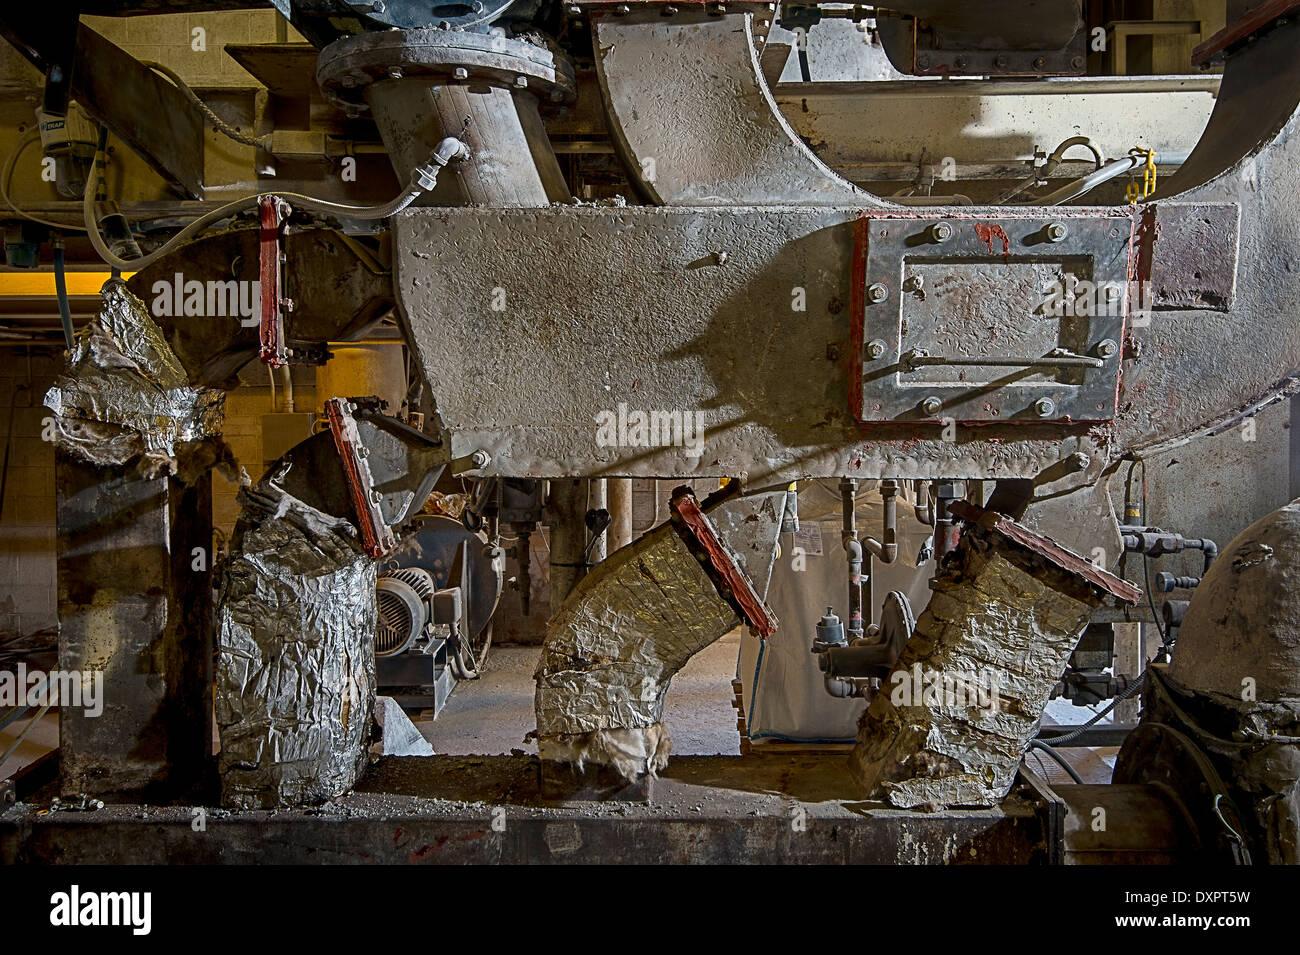 Industrieofen In Fabrik Stockbild